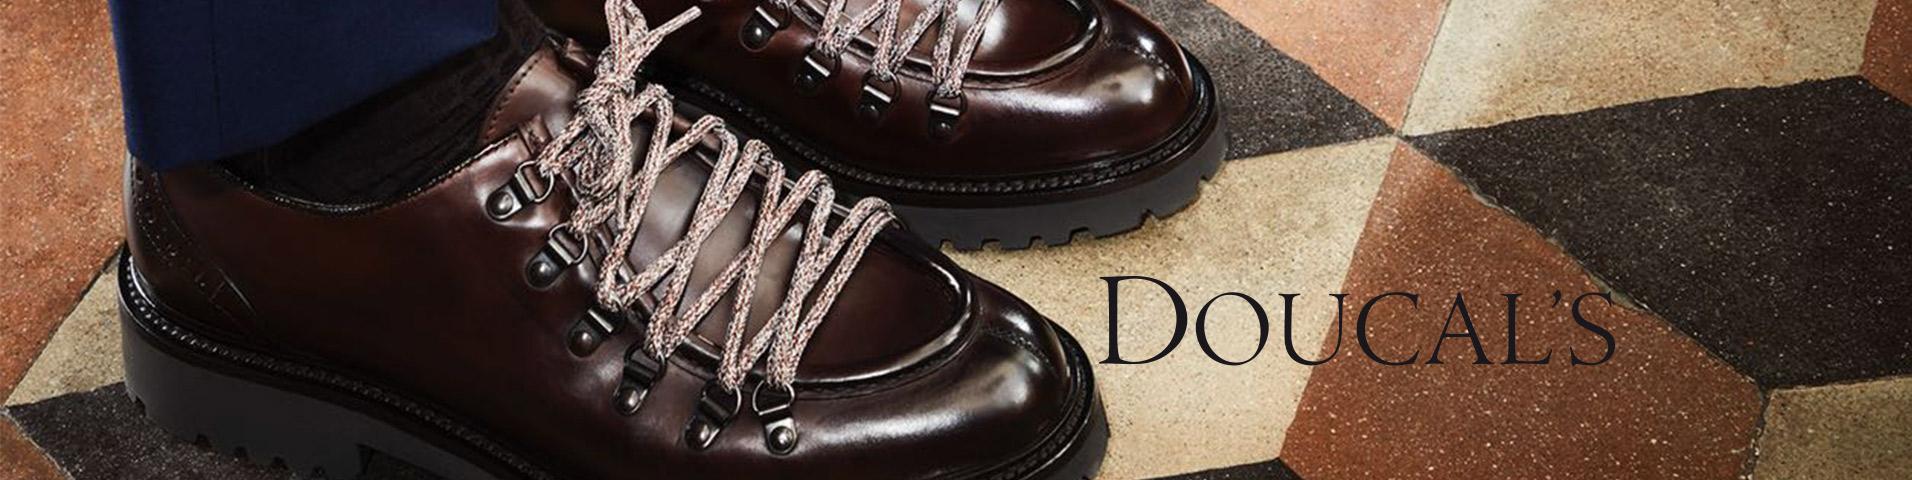 online schoenen gratis verzenden